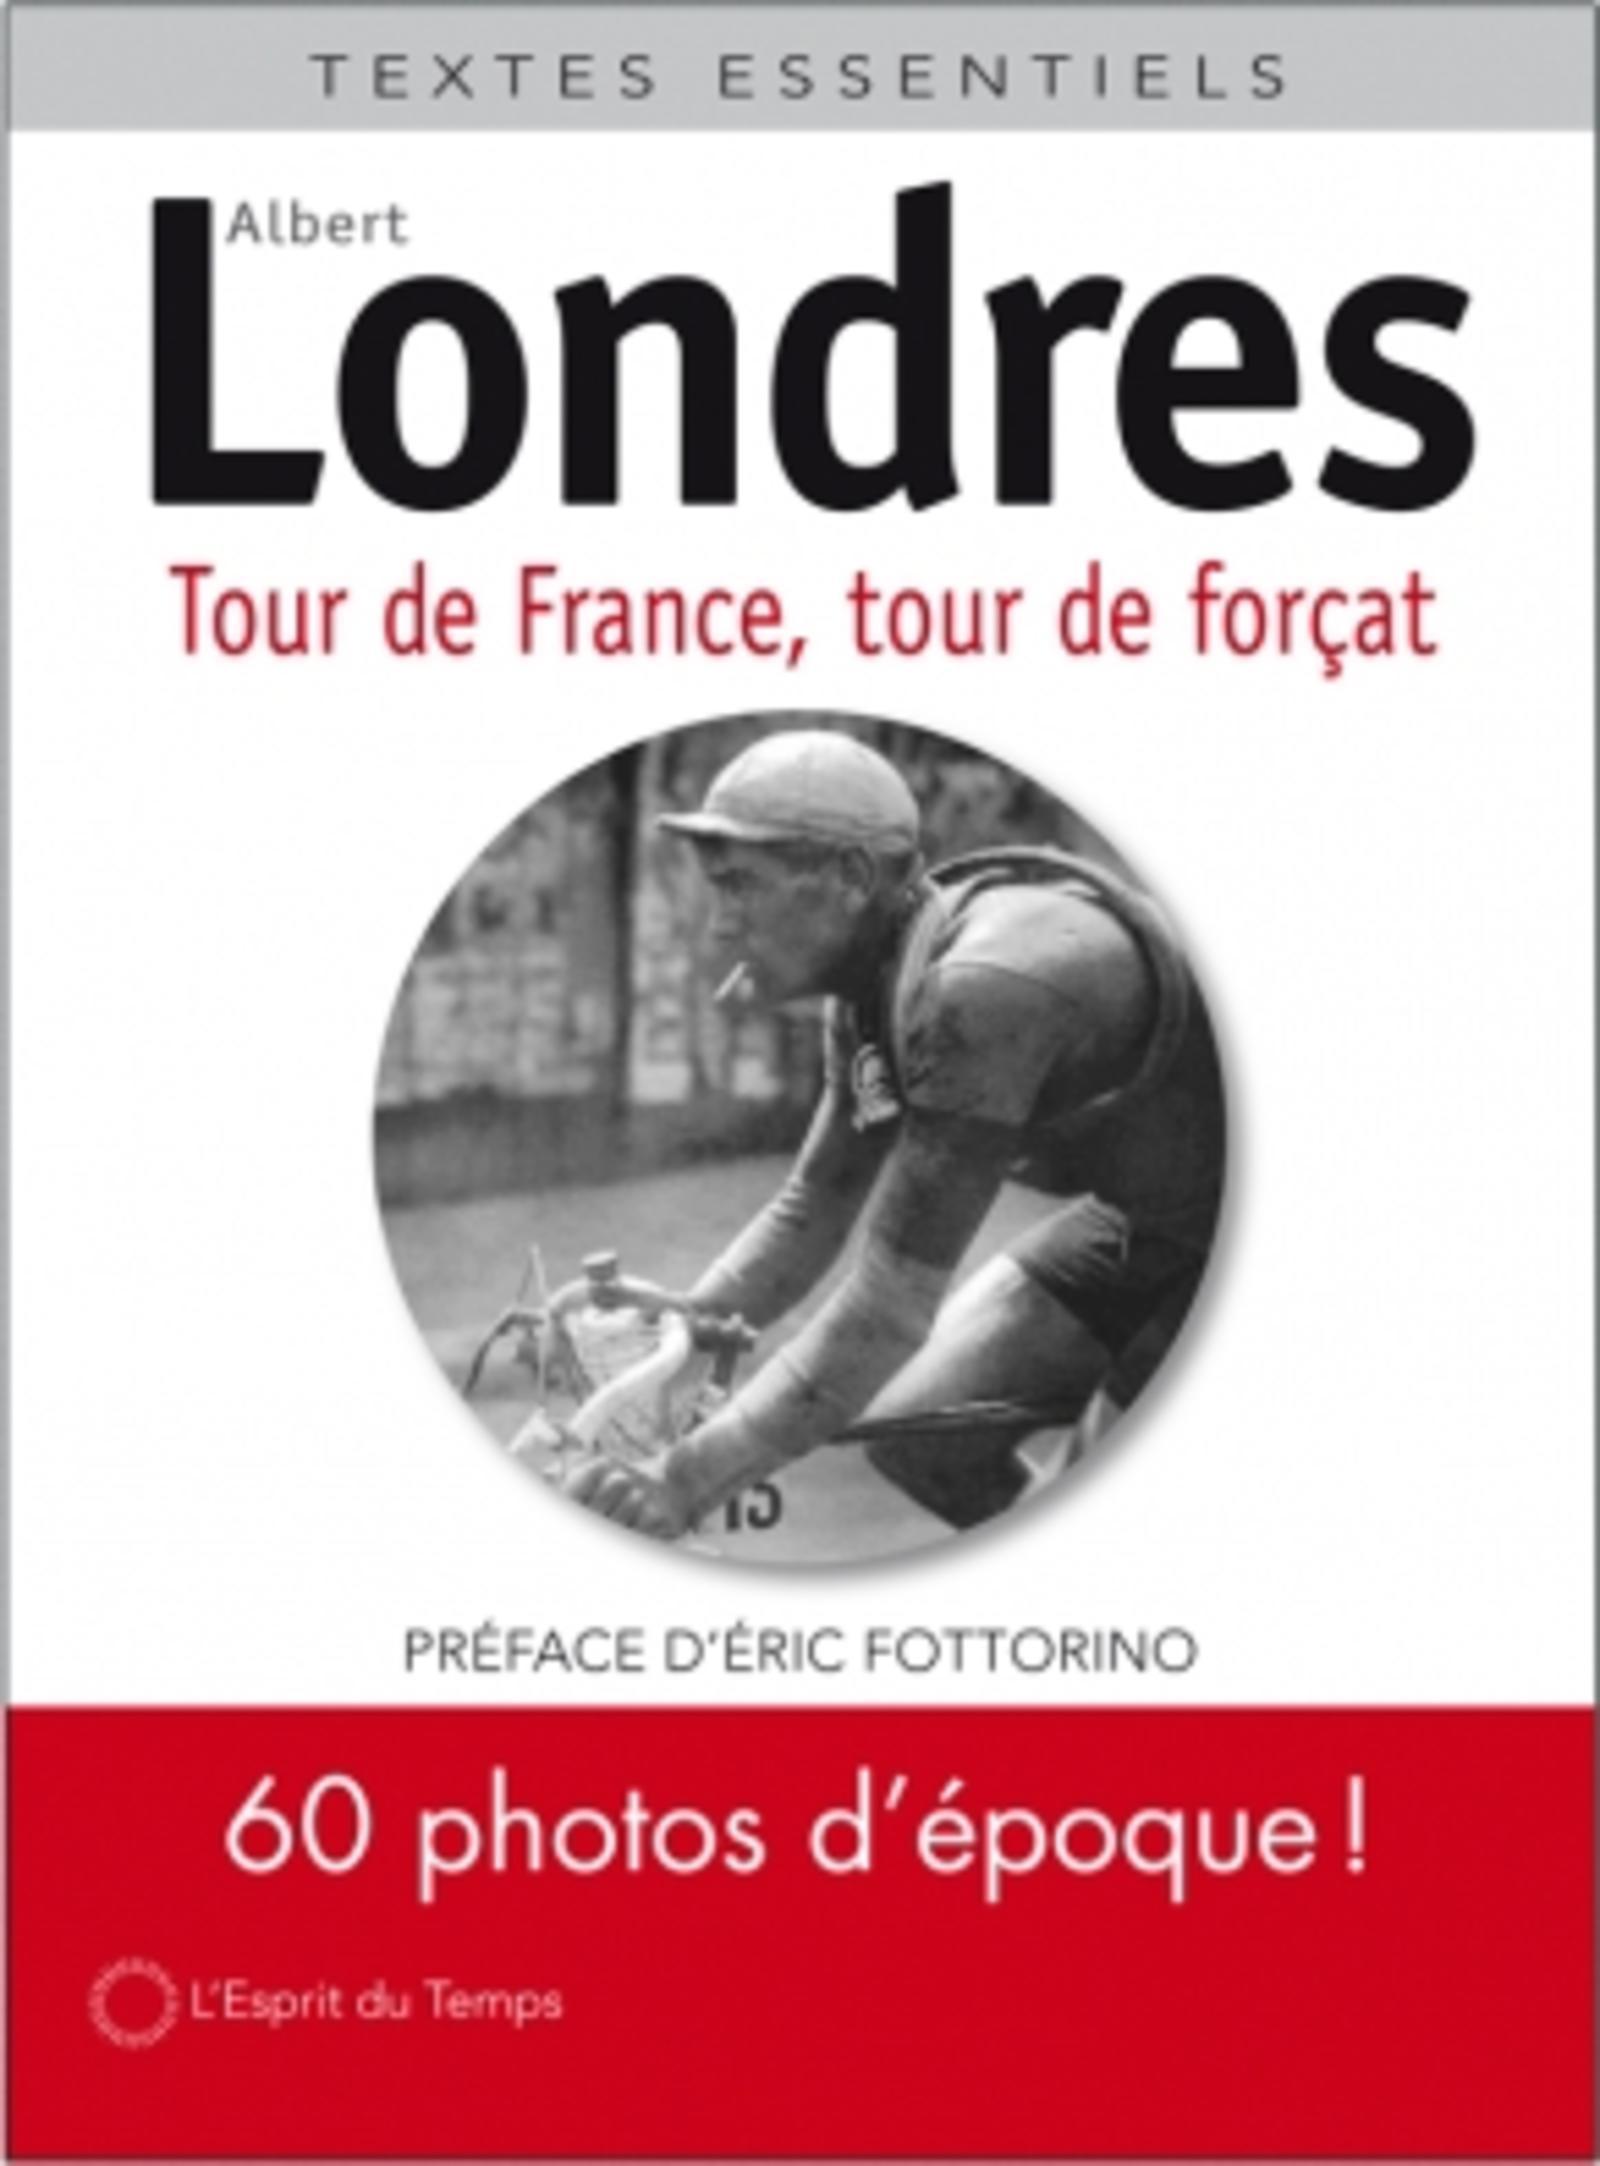 TOUR DE FRANCE, TOUR DE FORCAT - VERSION ILLUSTREE. 60 PHOTOS D'EPOQUE ! PREFACE D'ERIC FOTTORINO